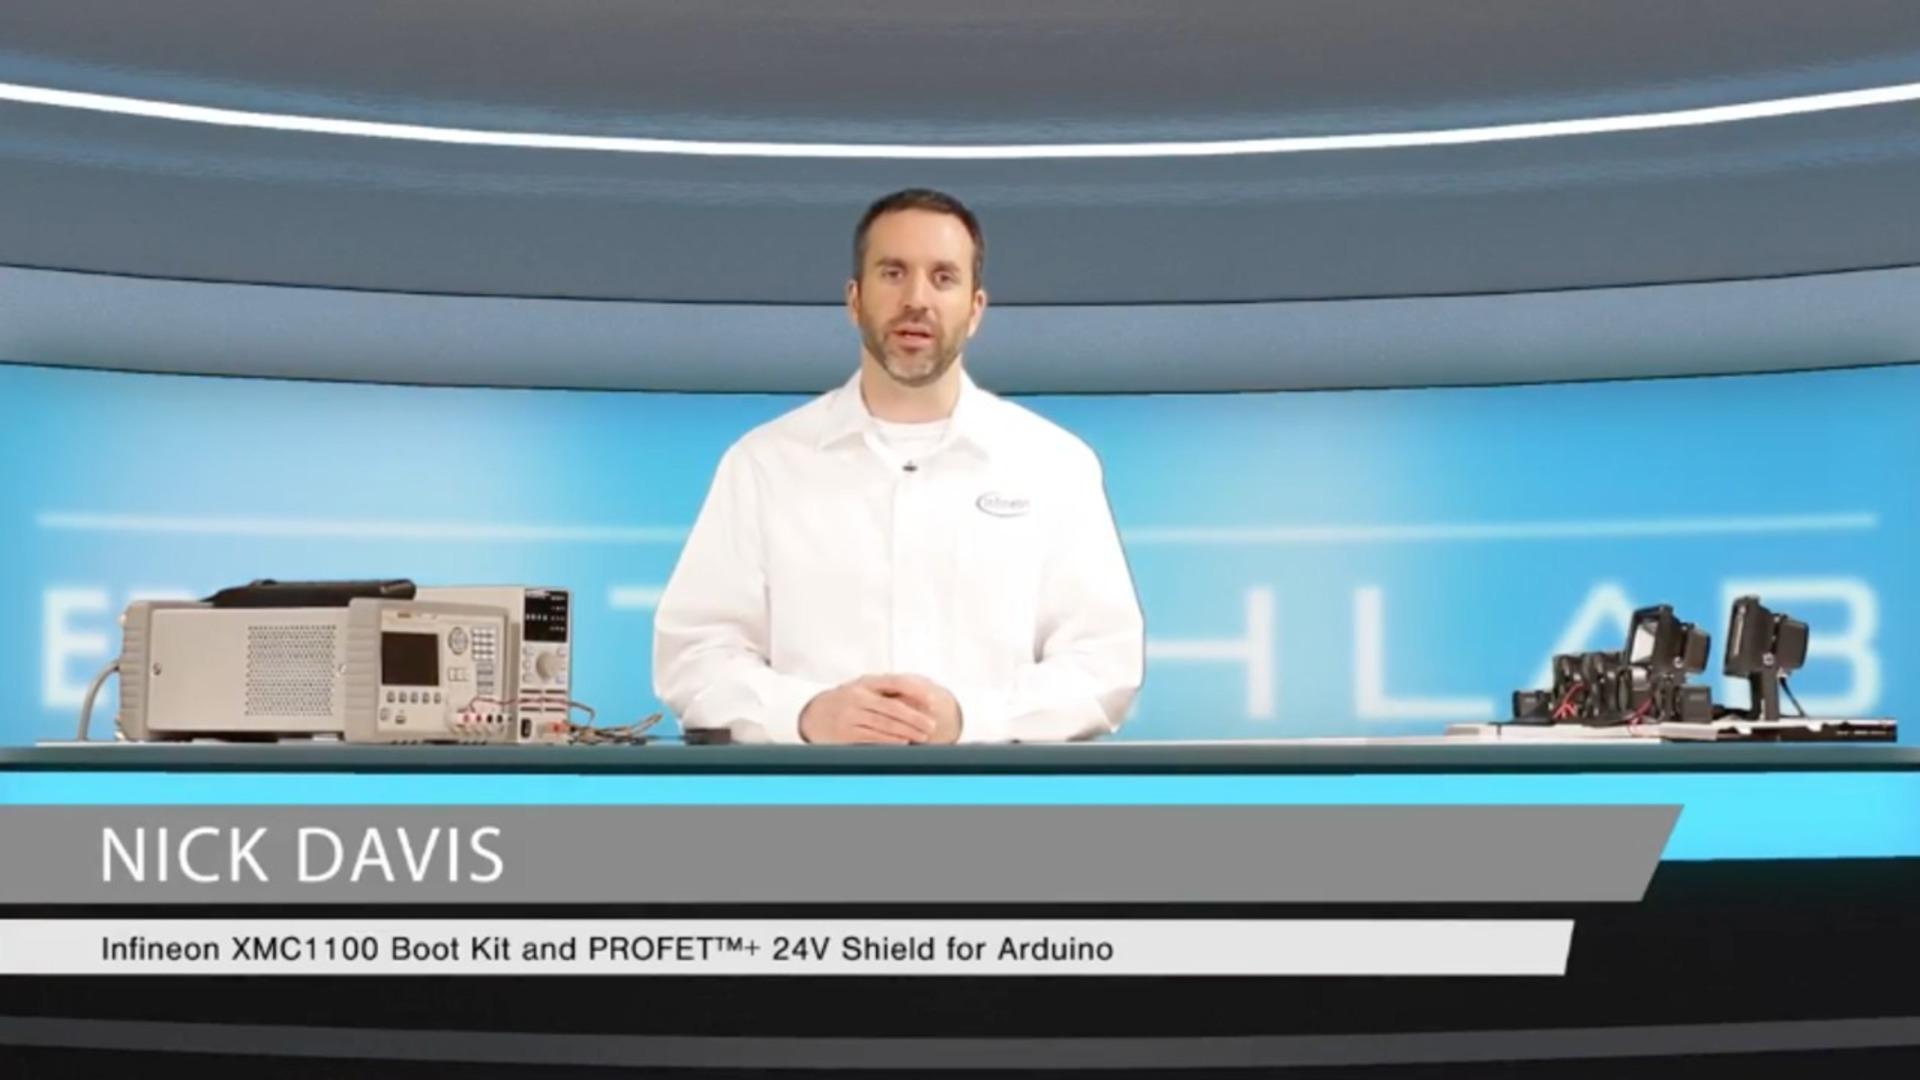 インフィニオンXMC1100ブートキットおよびPROFET™+ 24V Arduino対応シールド – パート1